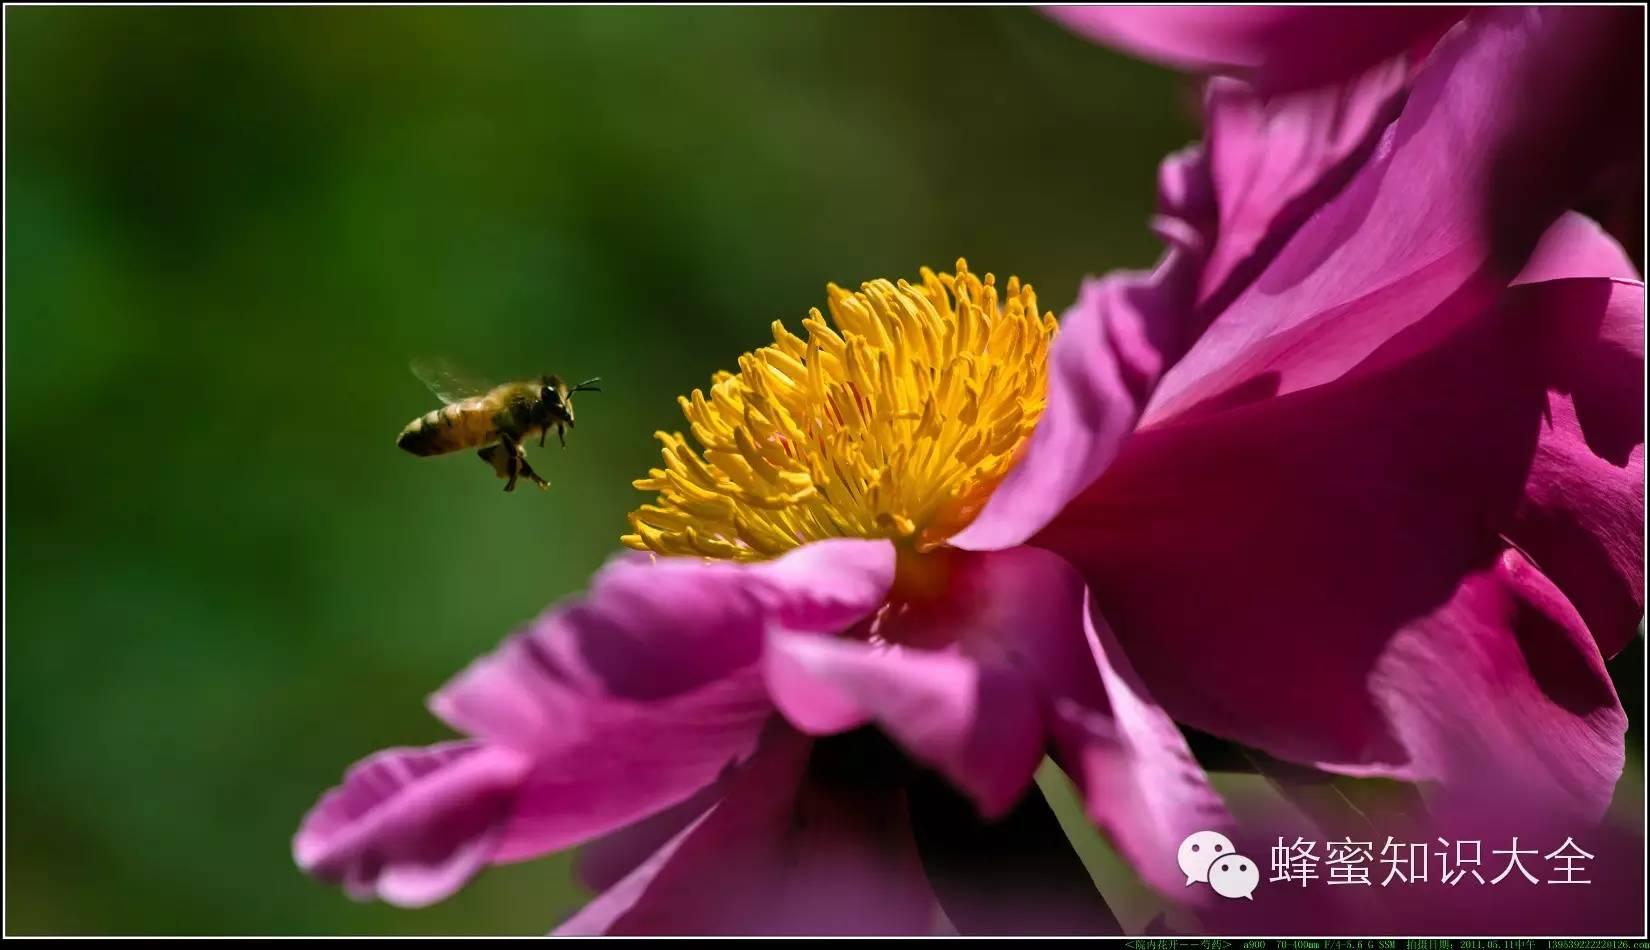 【不得不看】食用蜂蜜普遍10个大错